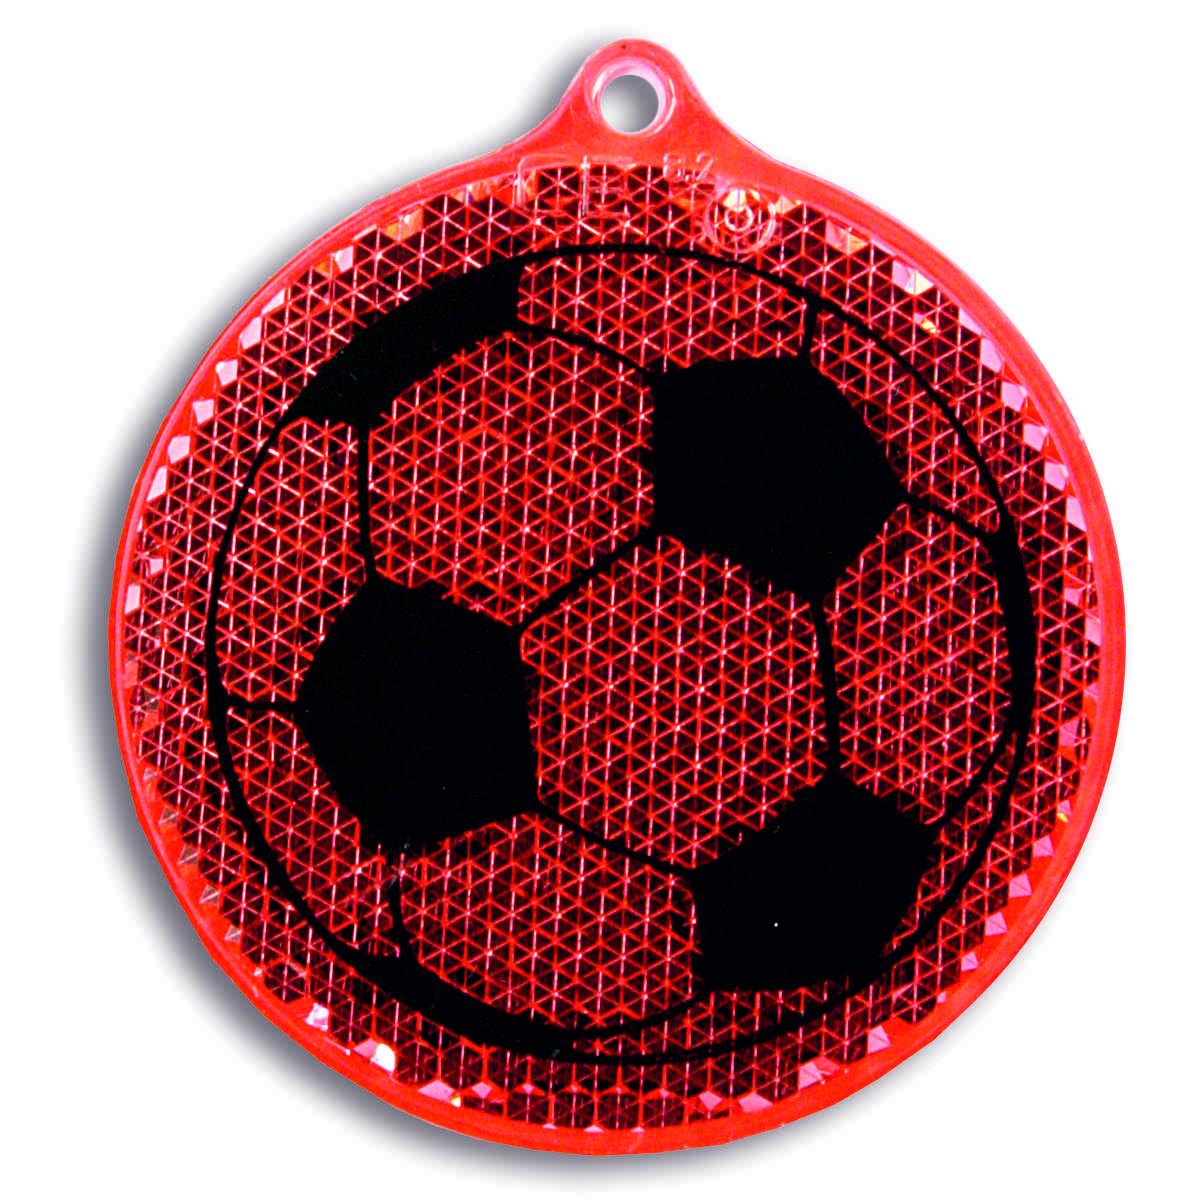 Мамасвет Светоотражатель пешеходный Мяч цвет красный51005.60Светоотражатель пешеходный Мамасвет Мяч выполнен из высококачественного материала в виде подвески. Светоотражатель должен свободно раскачиваться и быть видимым со всех сторон. В комплект со светоотражателем входит специальное крепление - шариковая цепочка. В темное время суток движущийся пешеход становится виден в свете автомобильных фар только на расстоянии 30 метров - у водителя остается всего лишь 1,3 секунды на то, чтобы среагировать. Пешеход же со светоотражателем заметен уже на расстоянии 150-400 метров, и у водителя есть целых 7 секунд, чтобы объехать его и избежать ДТП. Специалисты считают, что в темноте риск для пешехода стать жертвой ДТП или спровоцировать аварию возрастает в два раза, а у пешехода без светоотражателя он почти в десять раз выше, чем у того, кто использует это полезное изобретение.